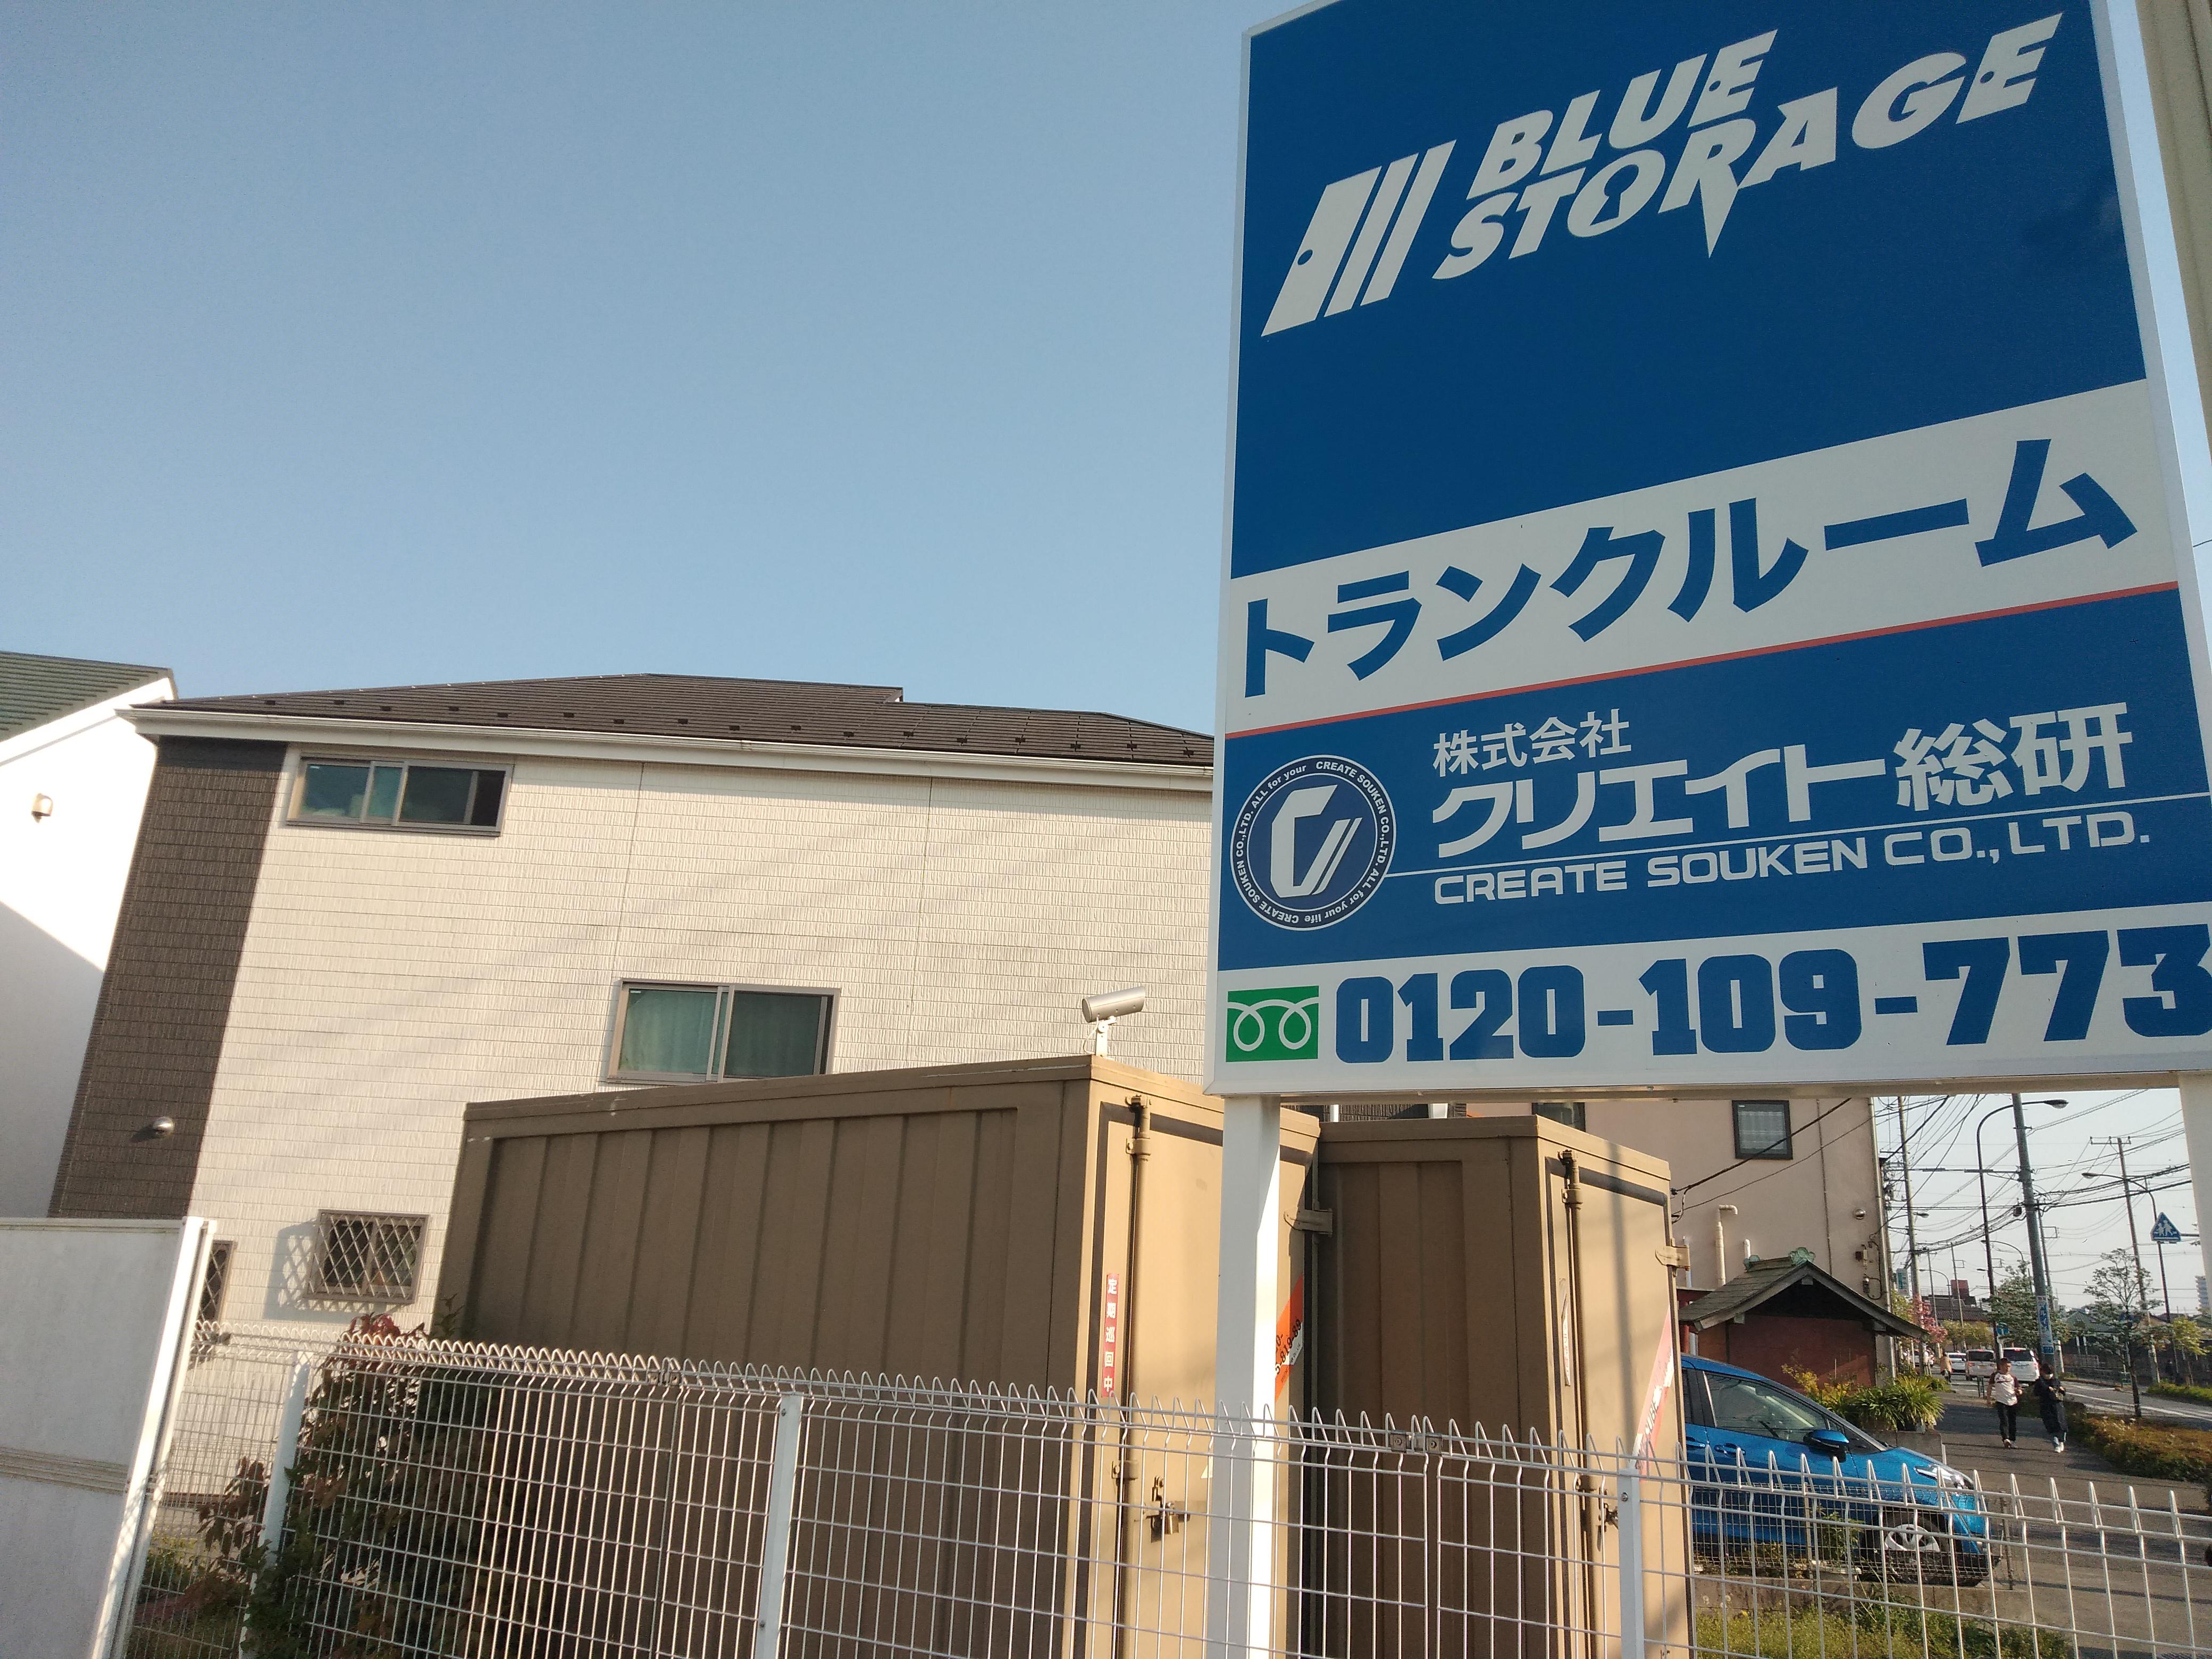 バイクストレージ西東京市谷戸町